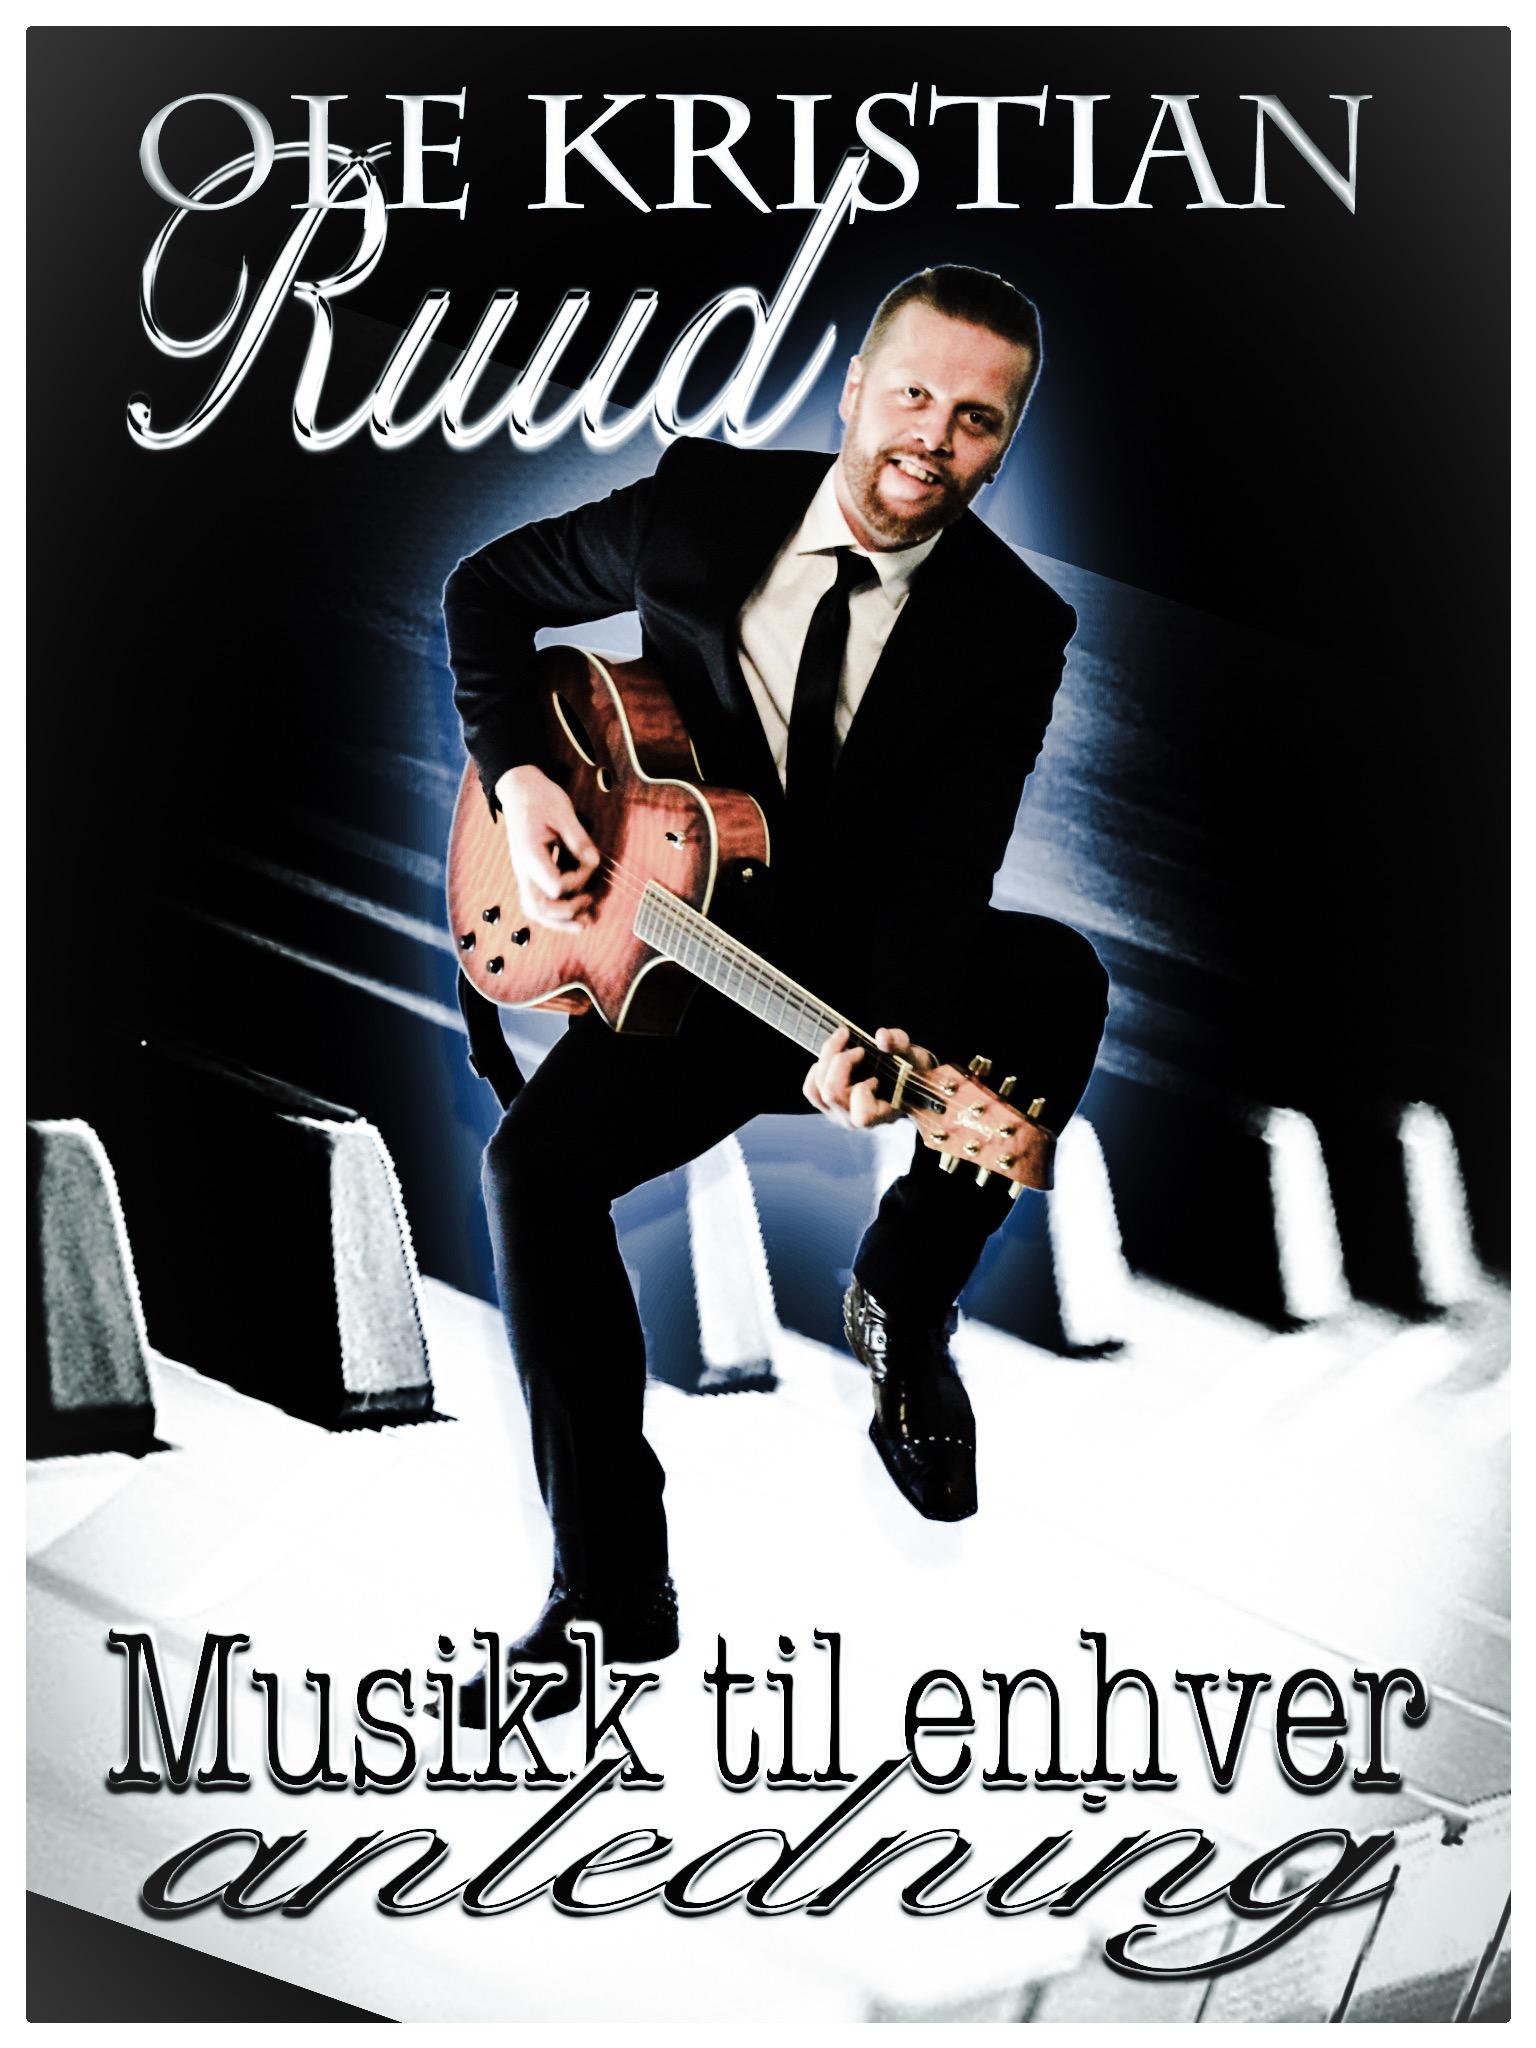 Ole Kristian er både trubadur og pianoentertainer